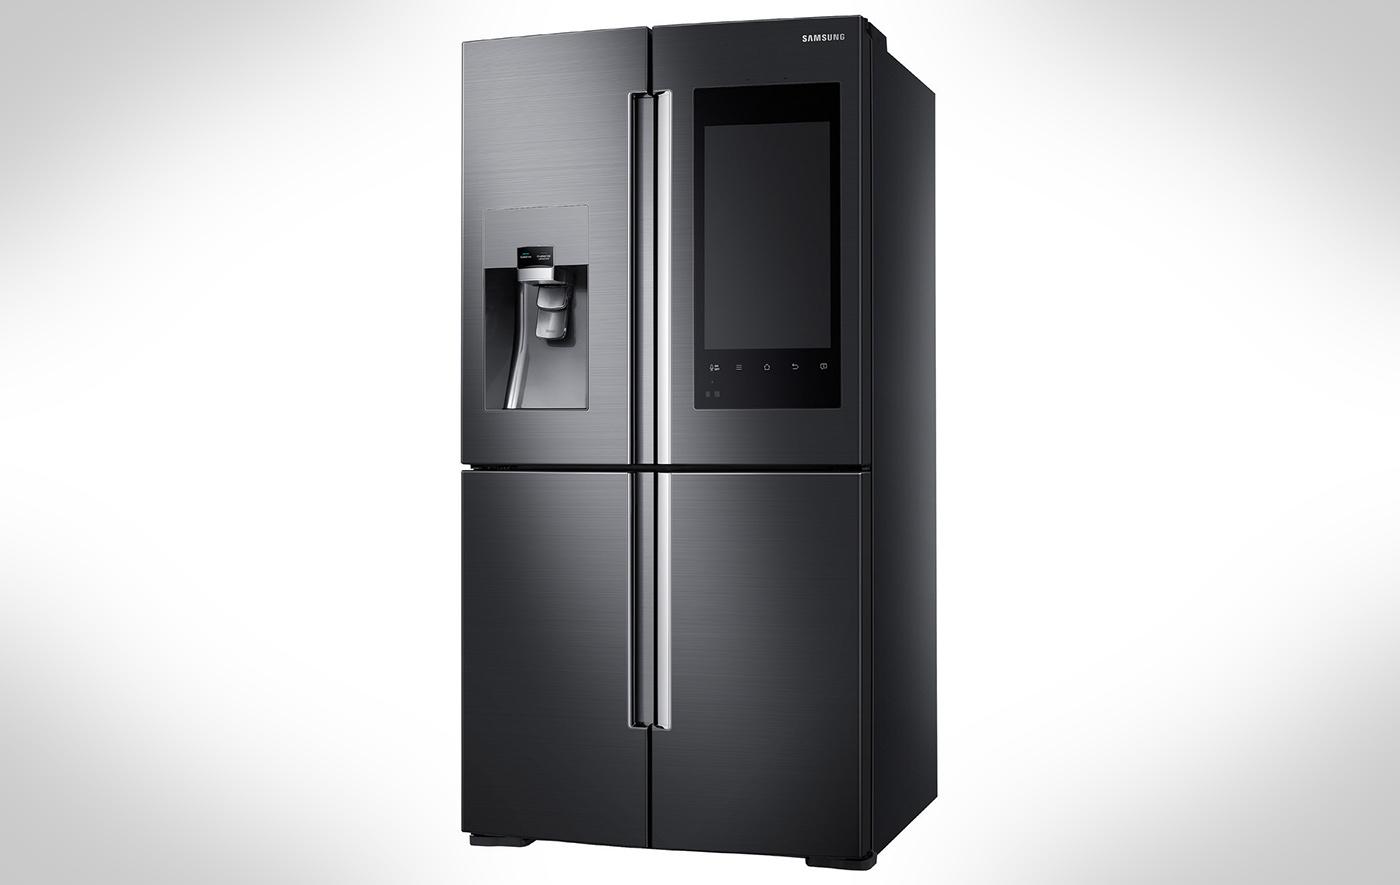 Чудо-холодильник, позволяющий смотреть продукты, не открывая дверцу